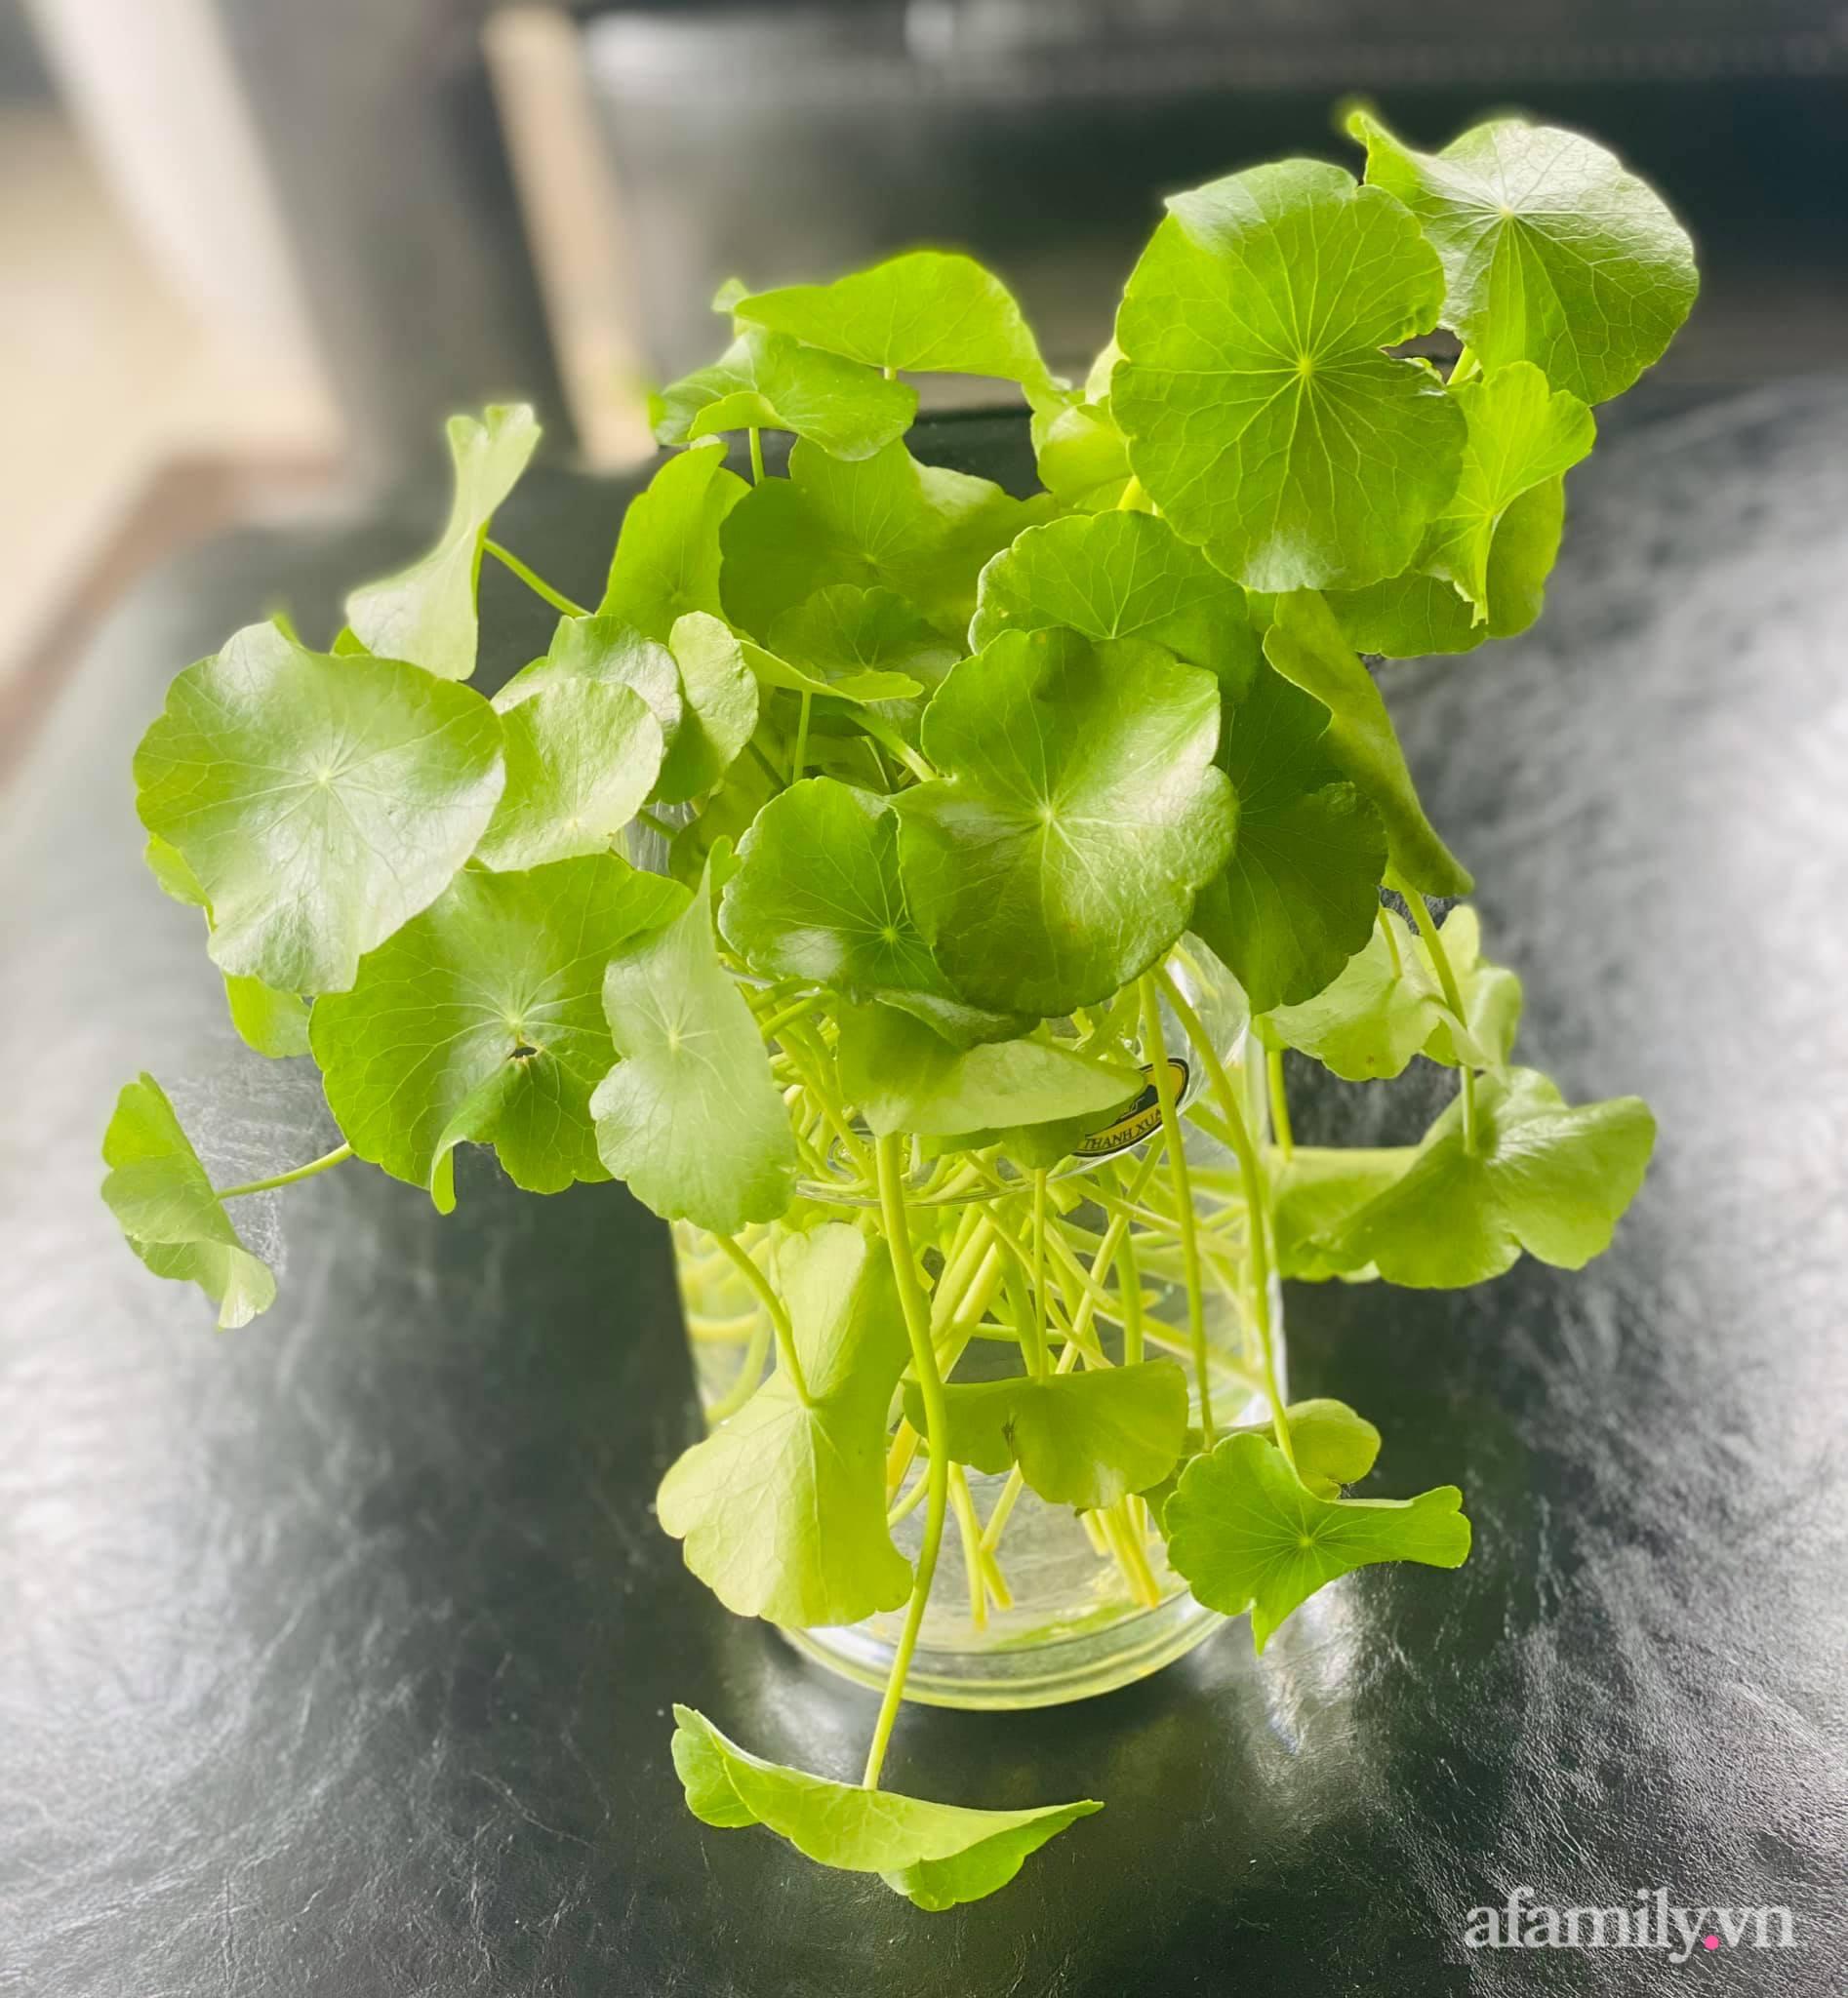 Bóc giá căn bếp đẹp chanh sả được đầu tư toàn đồ xịn sò với tổng chi phí gần 200 triệu đồng ở Hải Phòng - Ảnh 15.